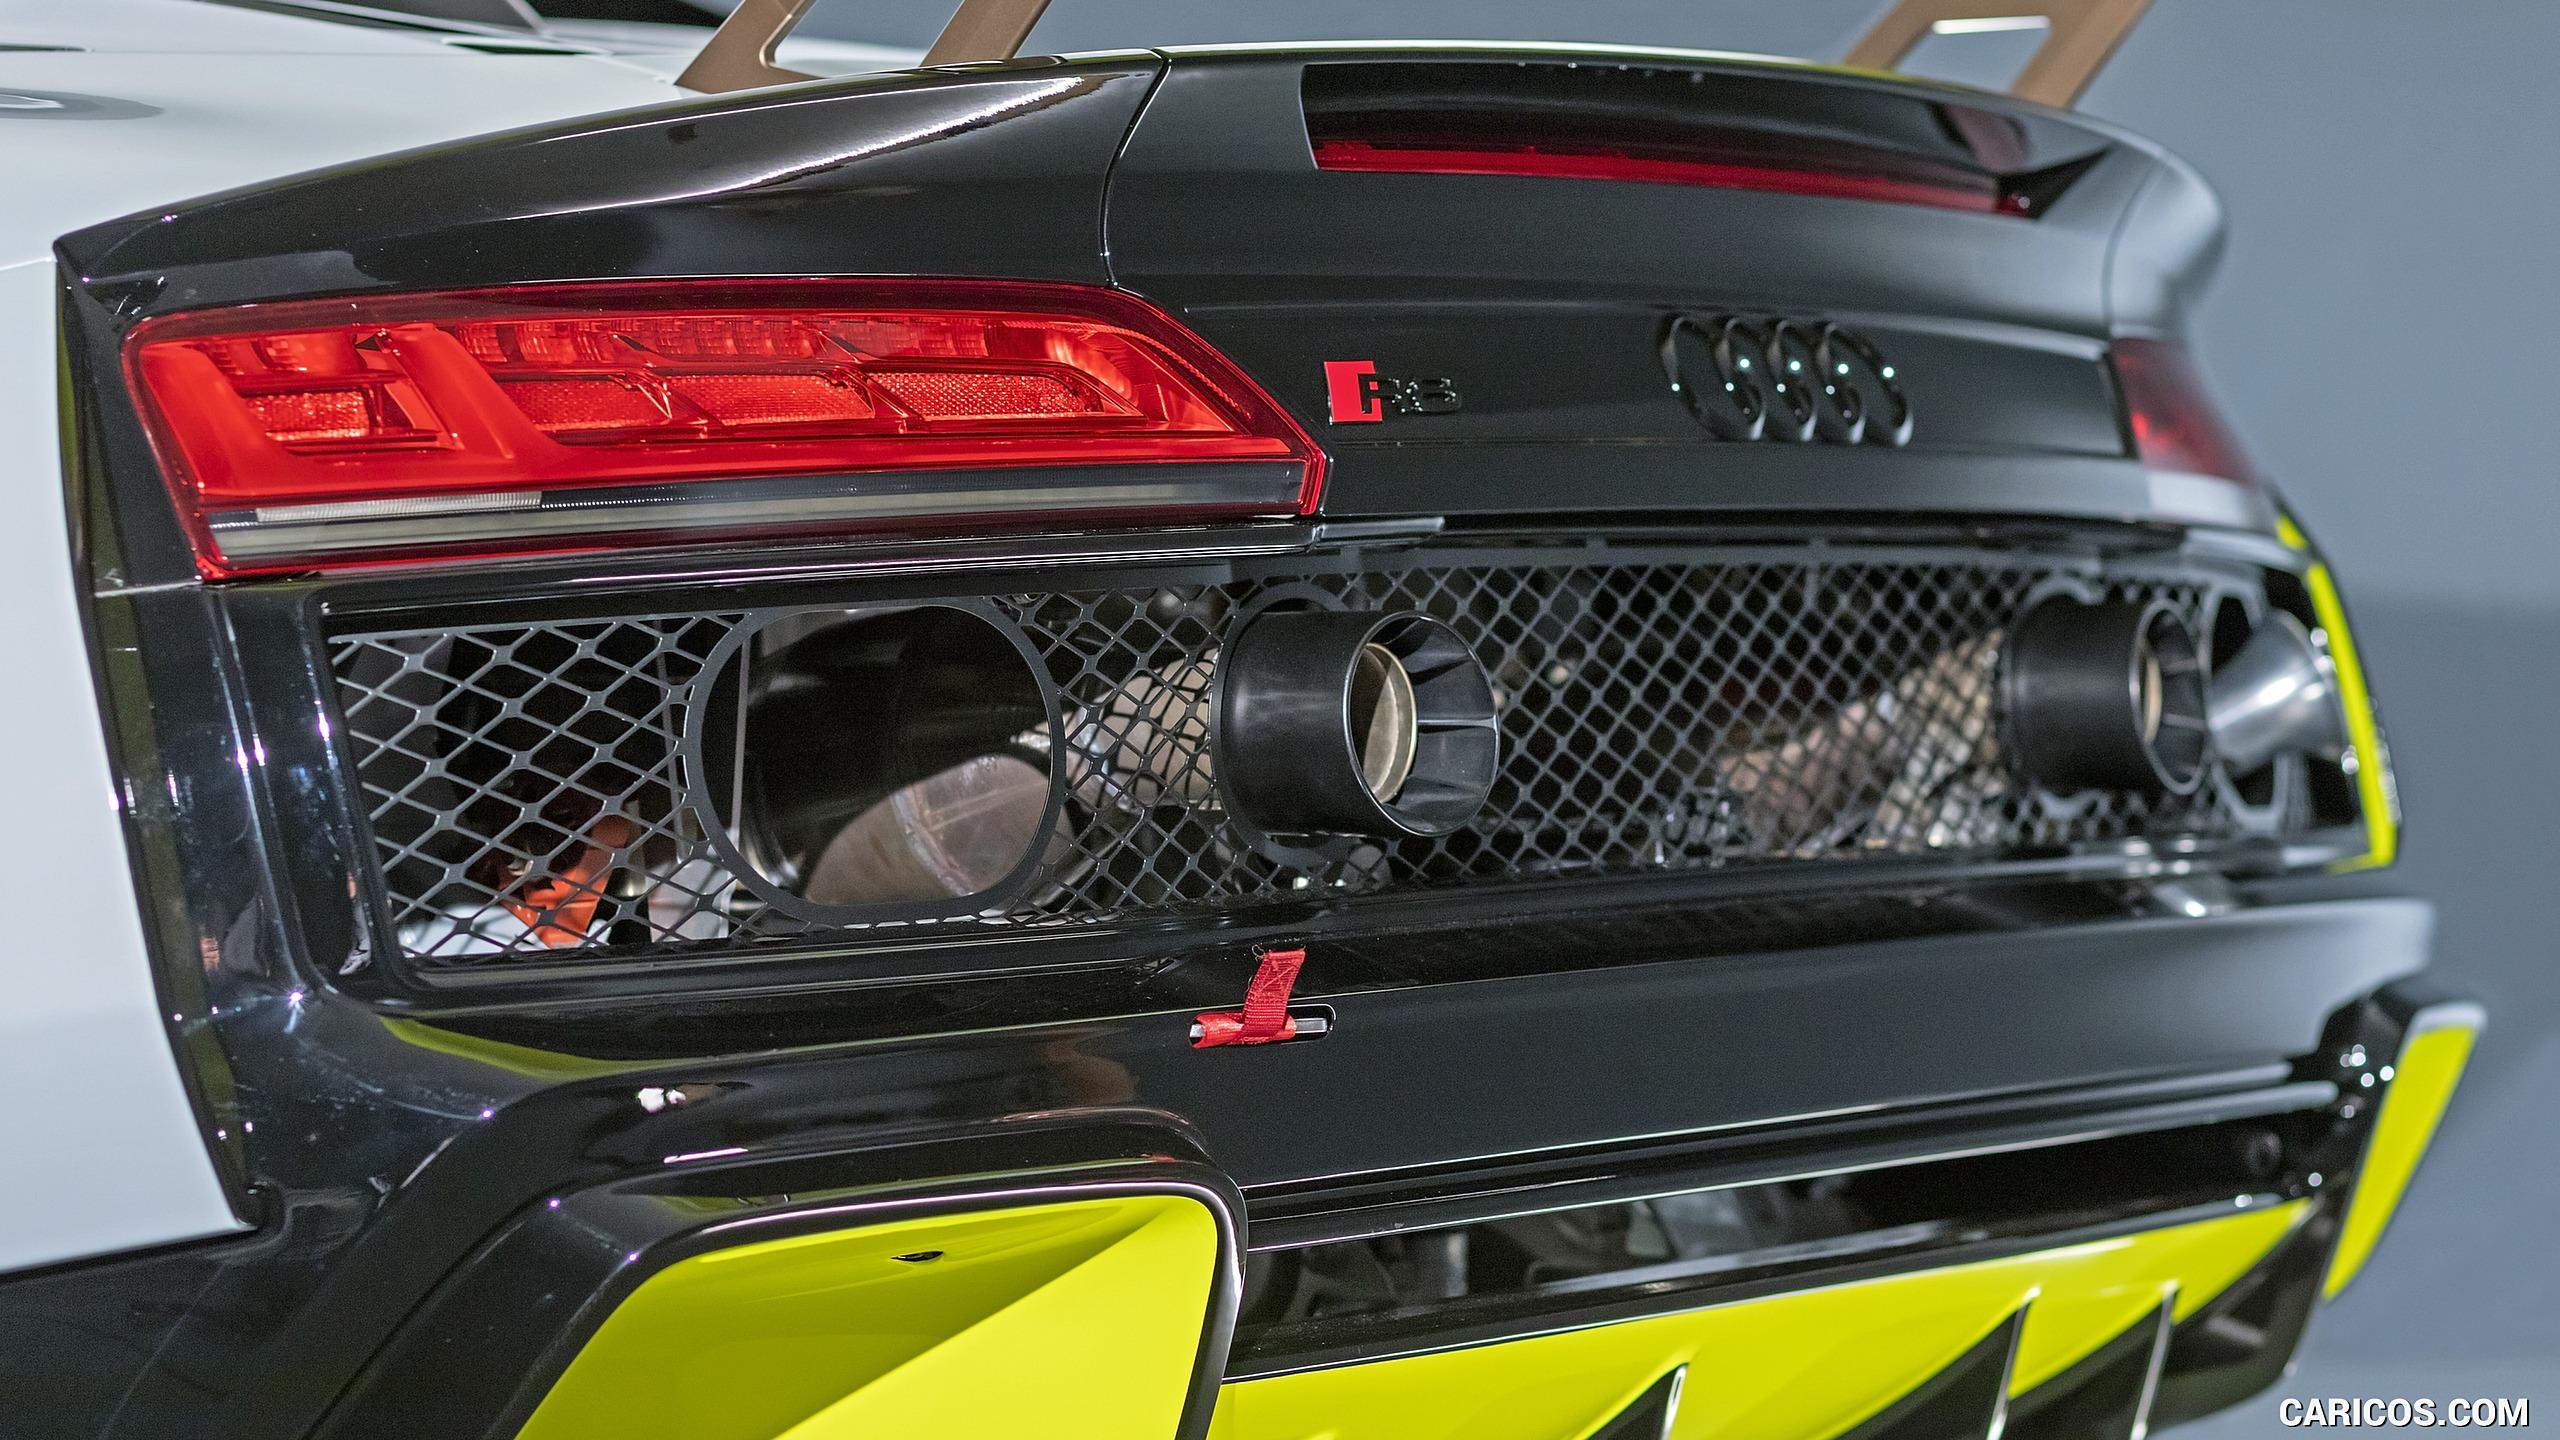 2020 Audi R8 LMS GT2   Diffuser HD Wallpaper 14 2560x1440